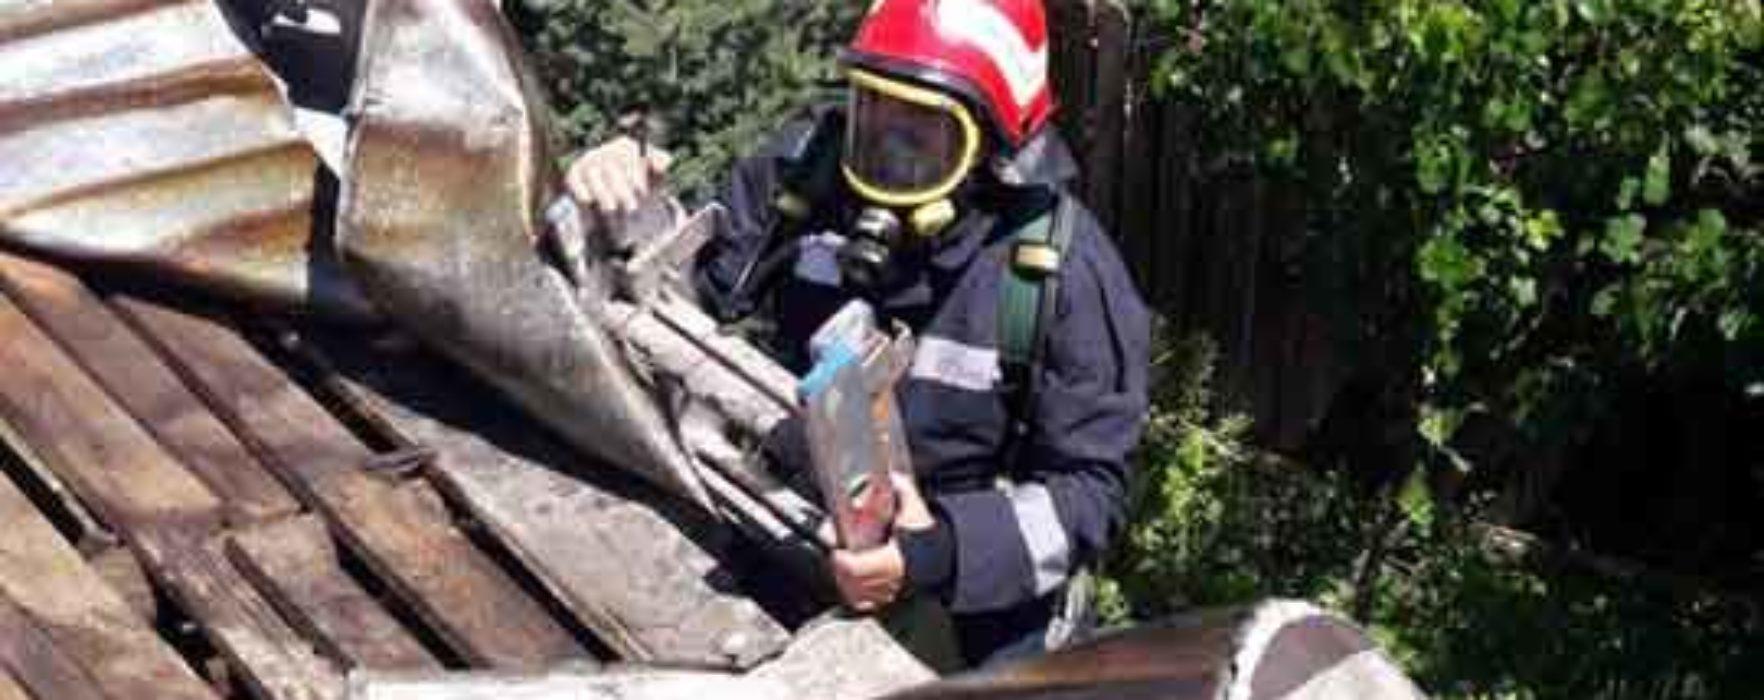 Dâmboviţa: Incendiu la o casă în Corbii Mari, exstins la alte două din apropiere